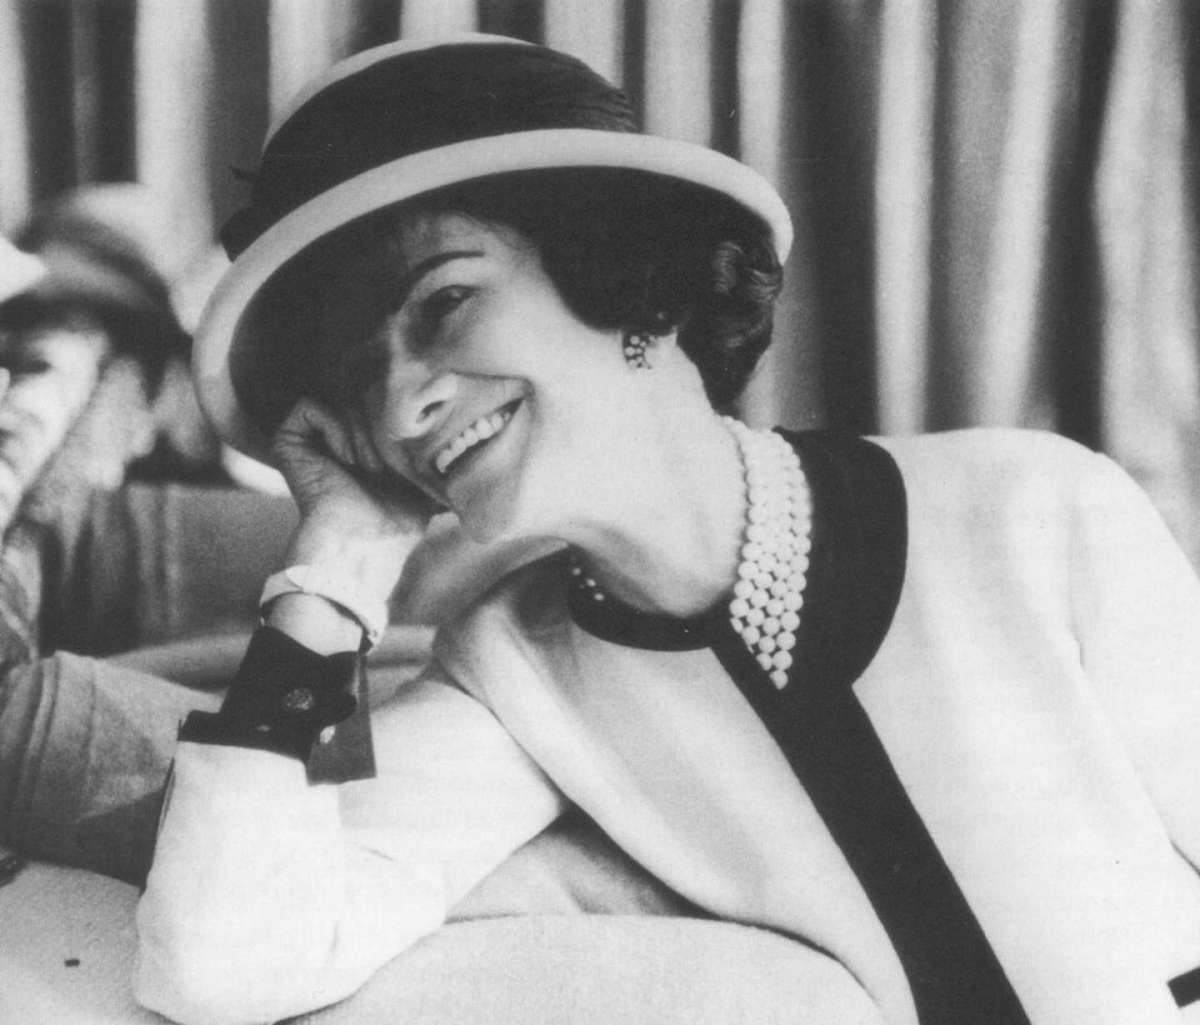 La stilista Coco Chanel